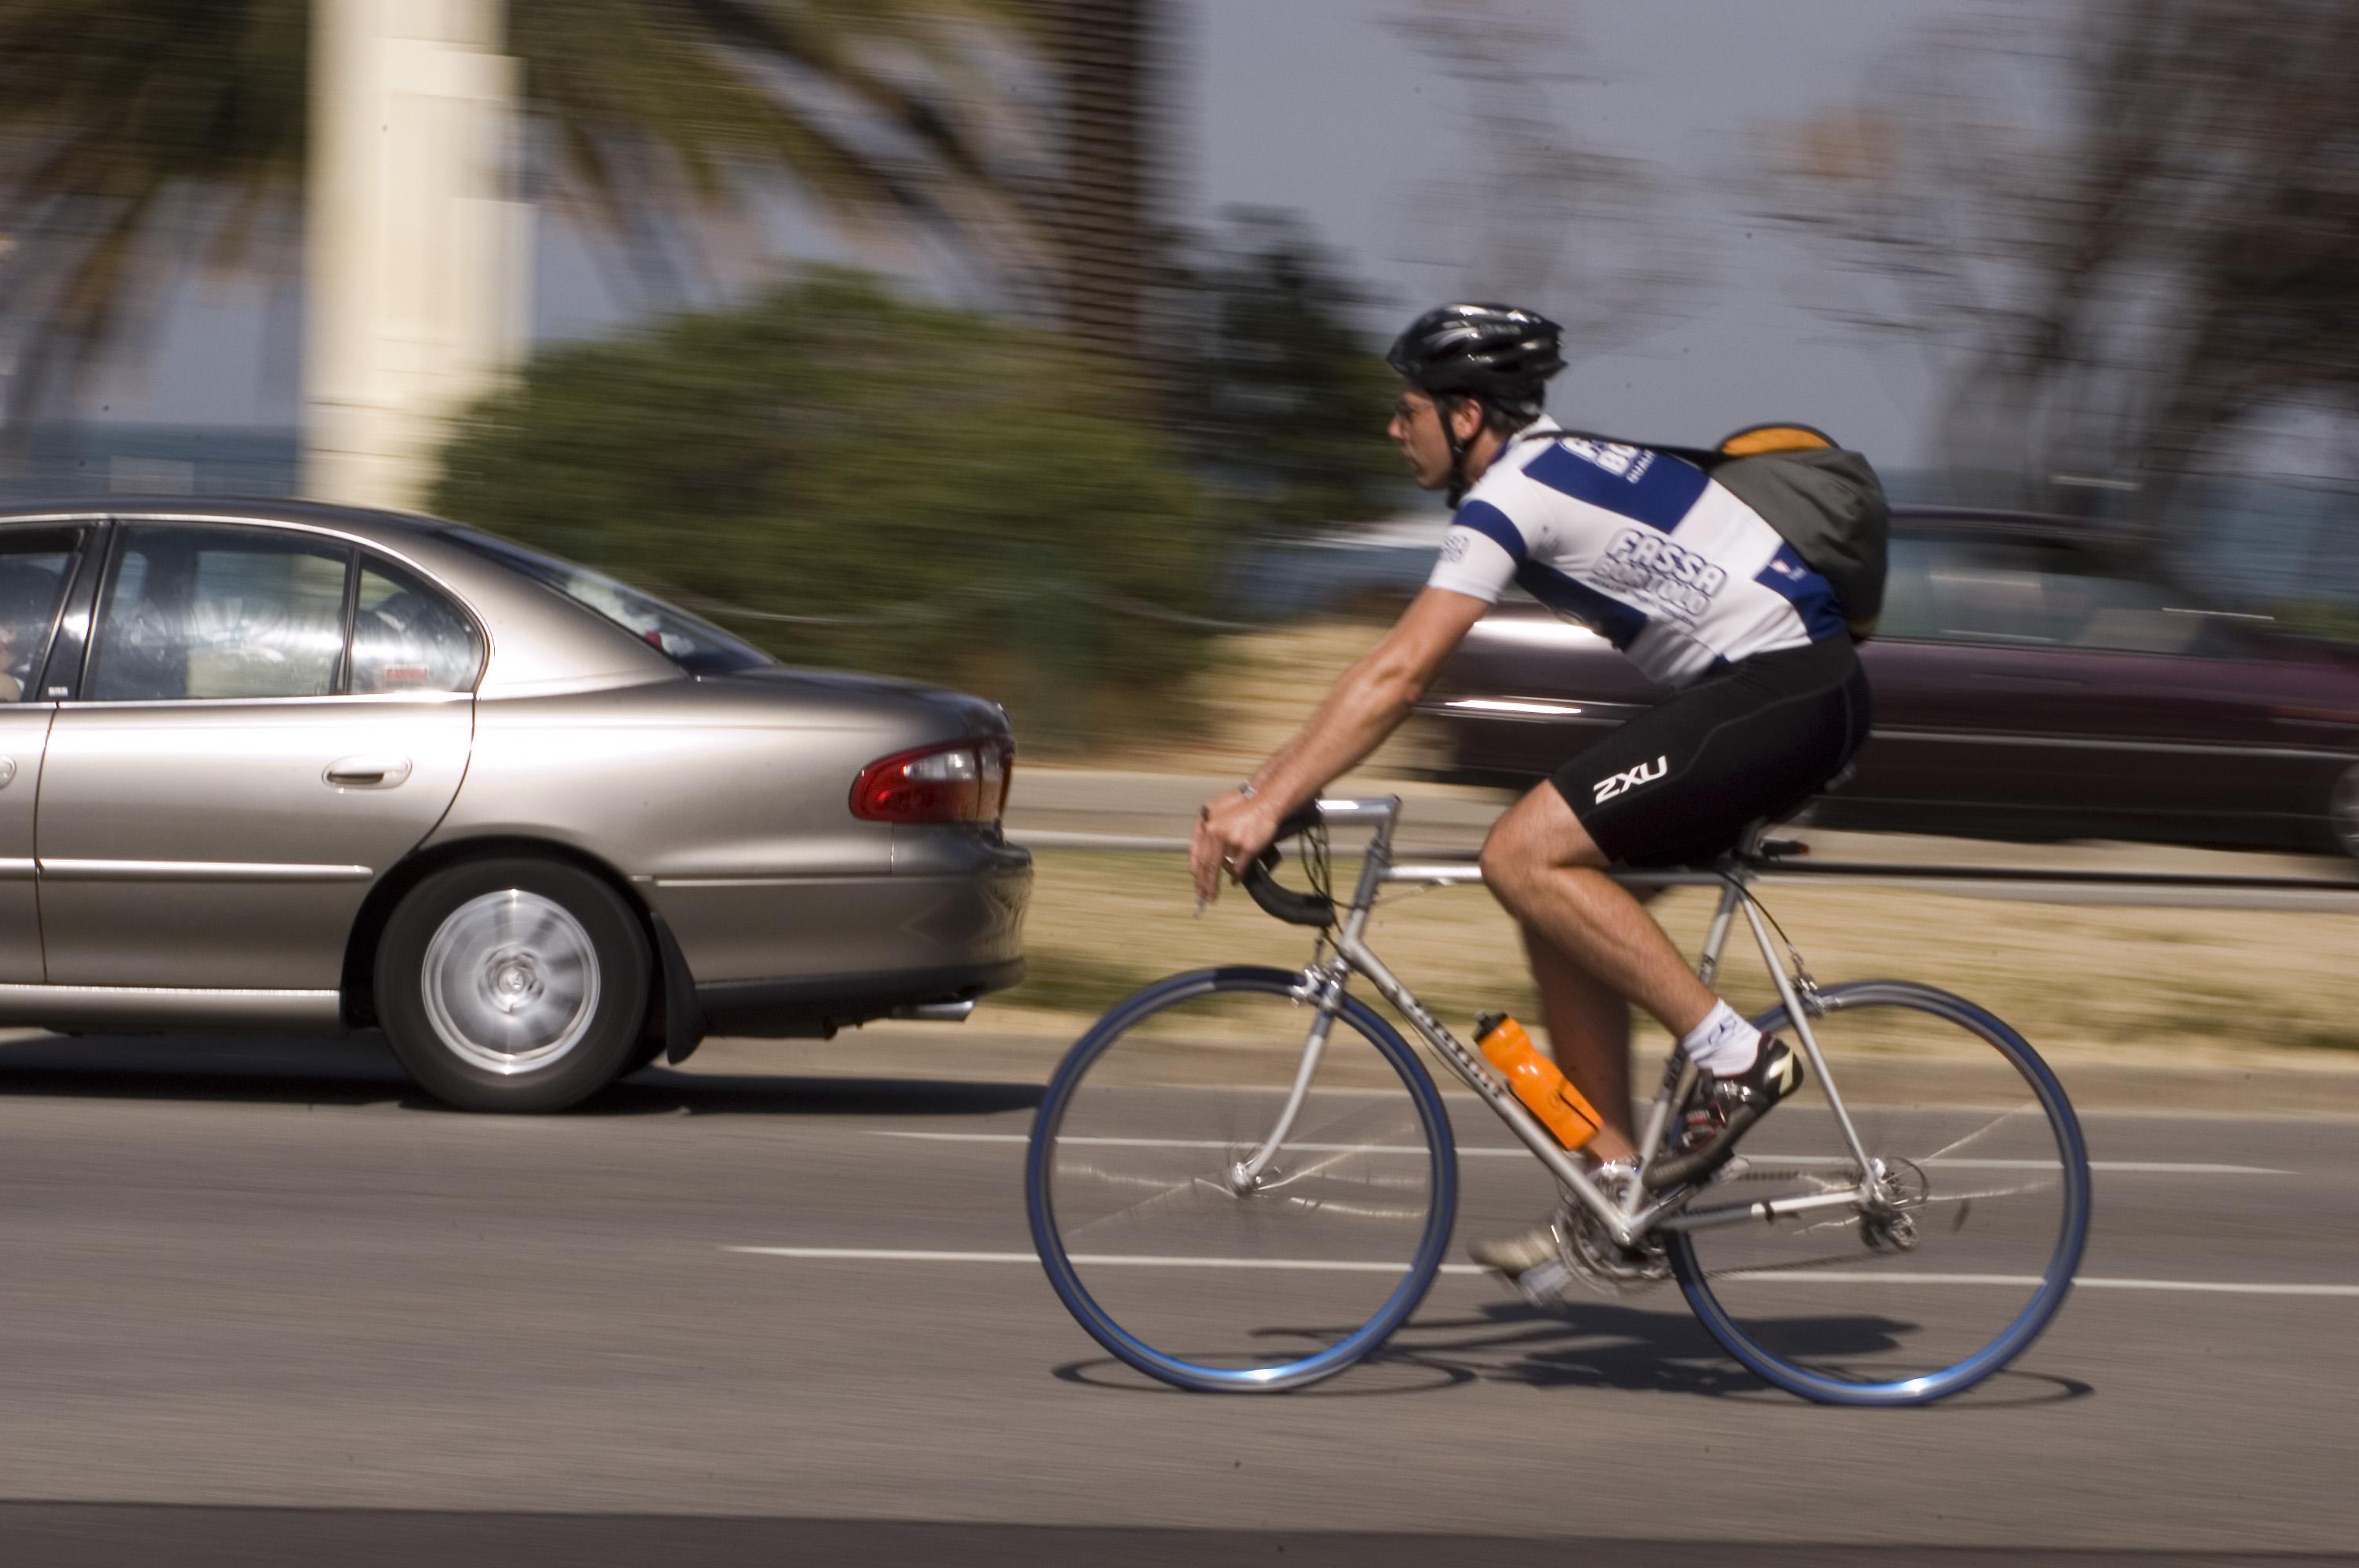 General_Car-cyclist